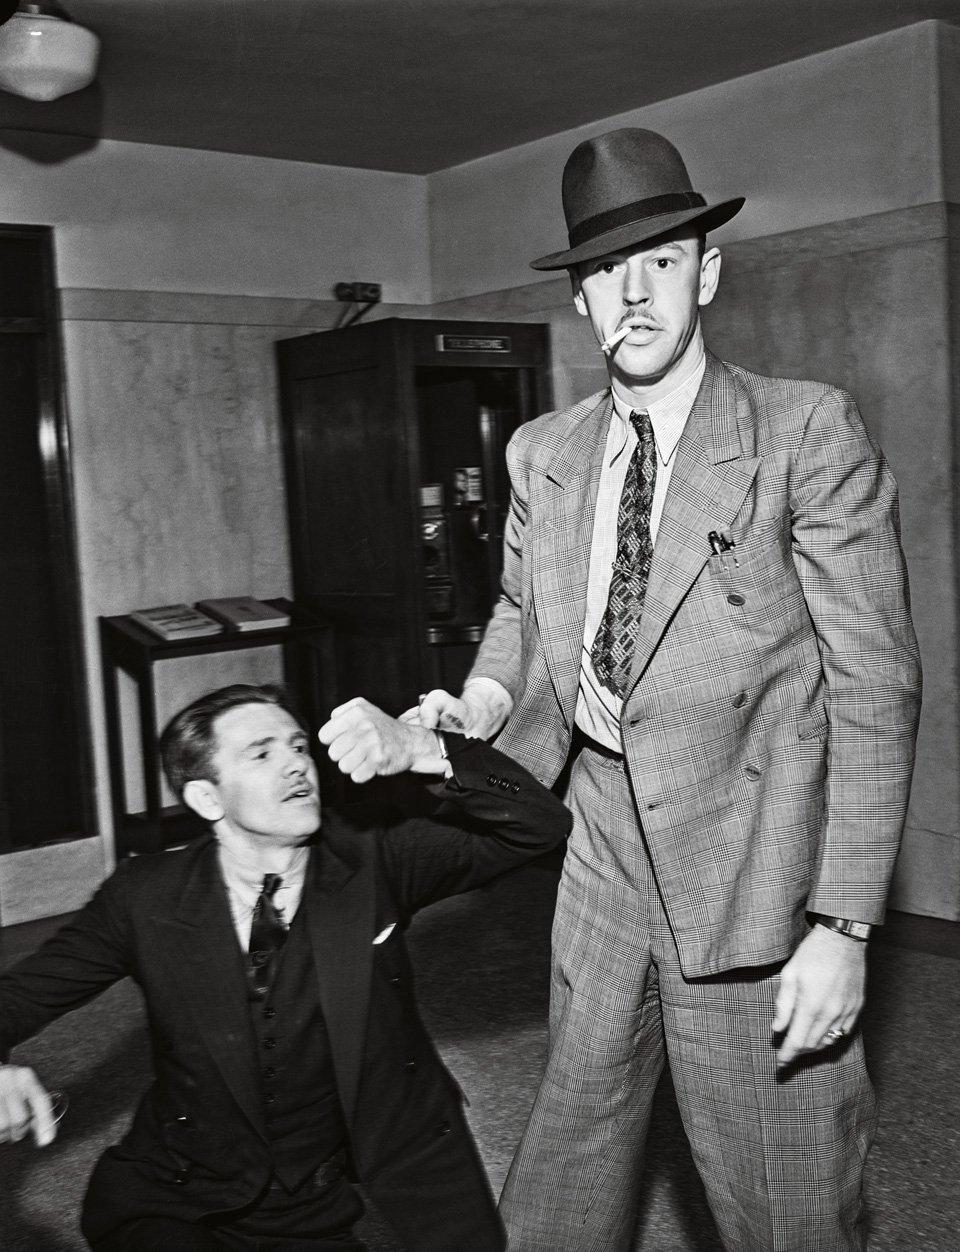 p.137, un témoin récalcitrant est malmené par un officier de police, vers 1934. Copyright Cliff Wesselmann Photo Courtesy of Gregory Paul Williams, BL Press LLC/TASCHEN.